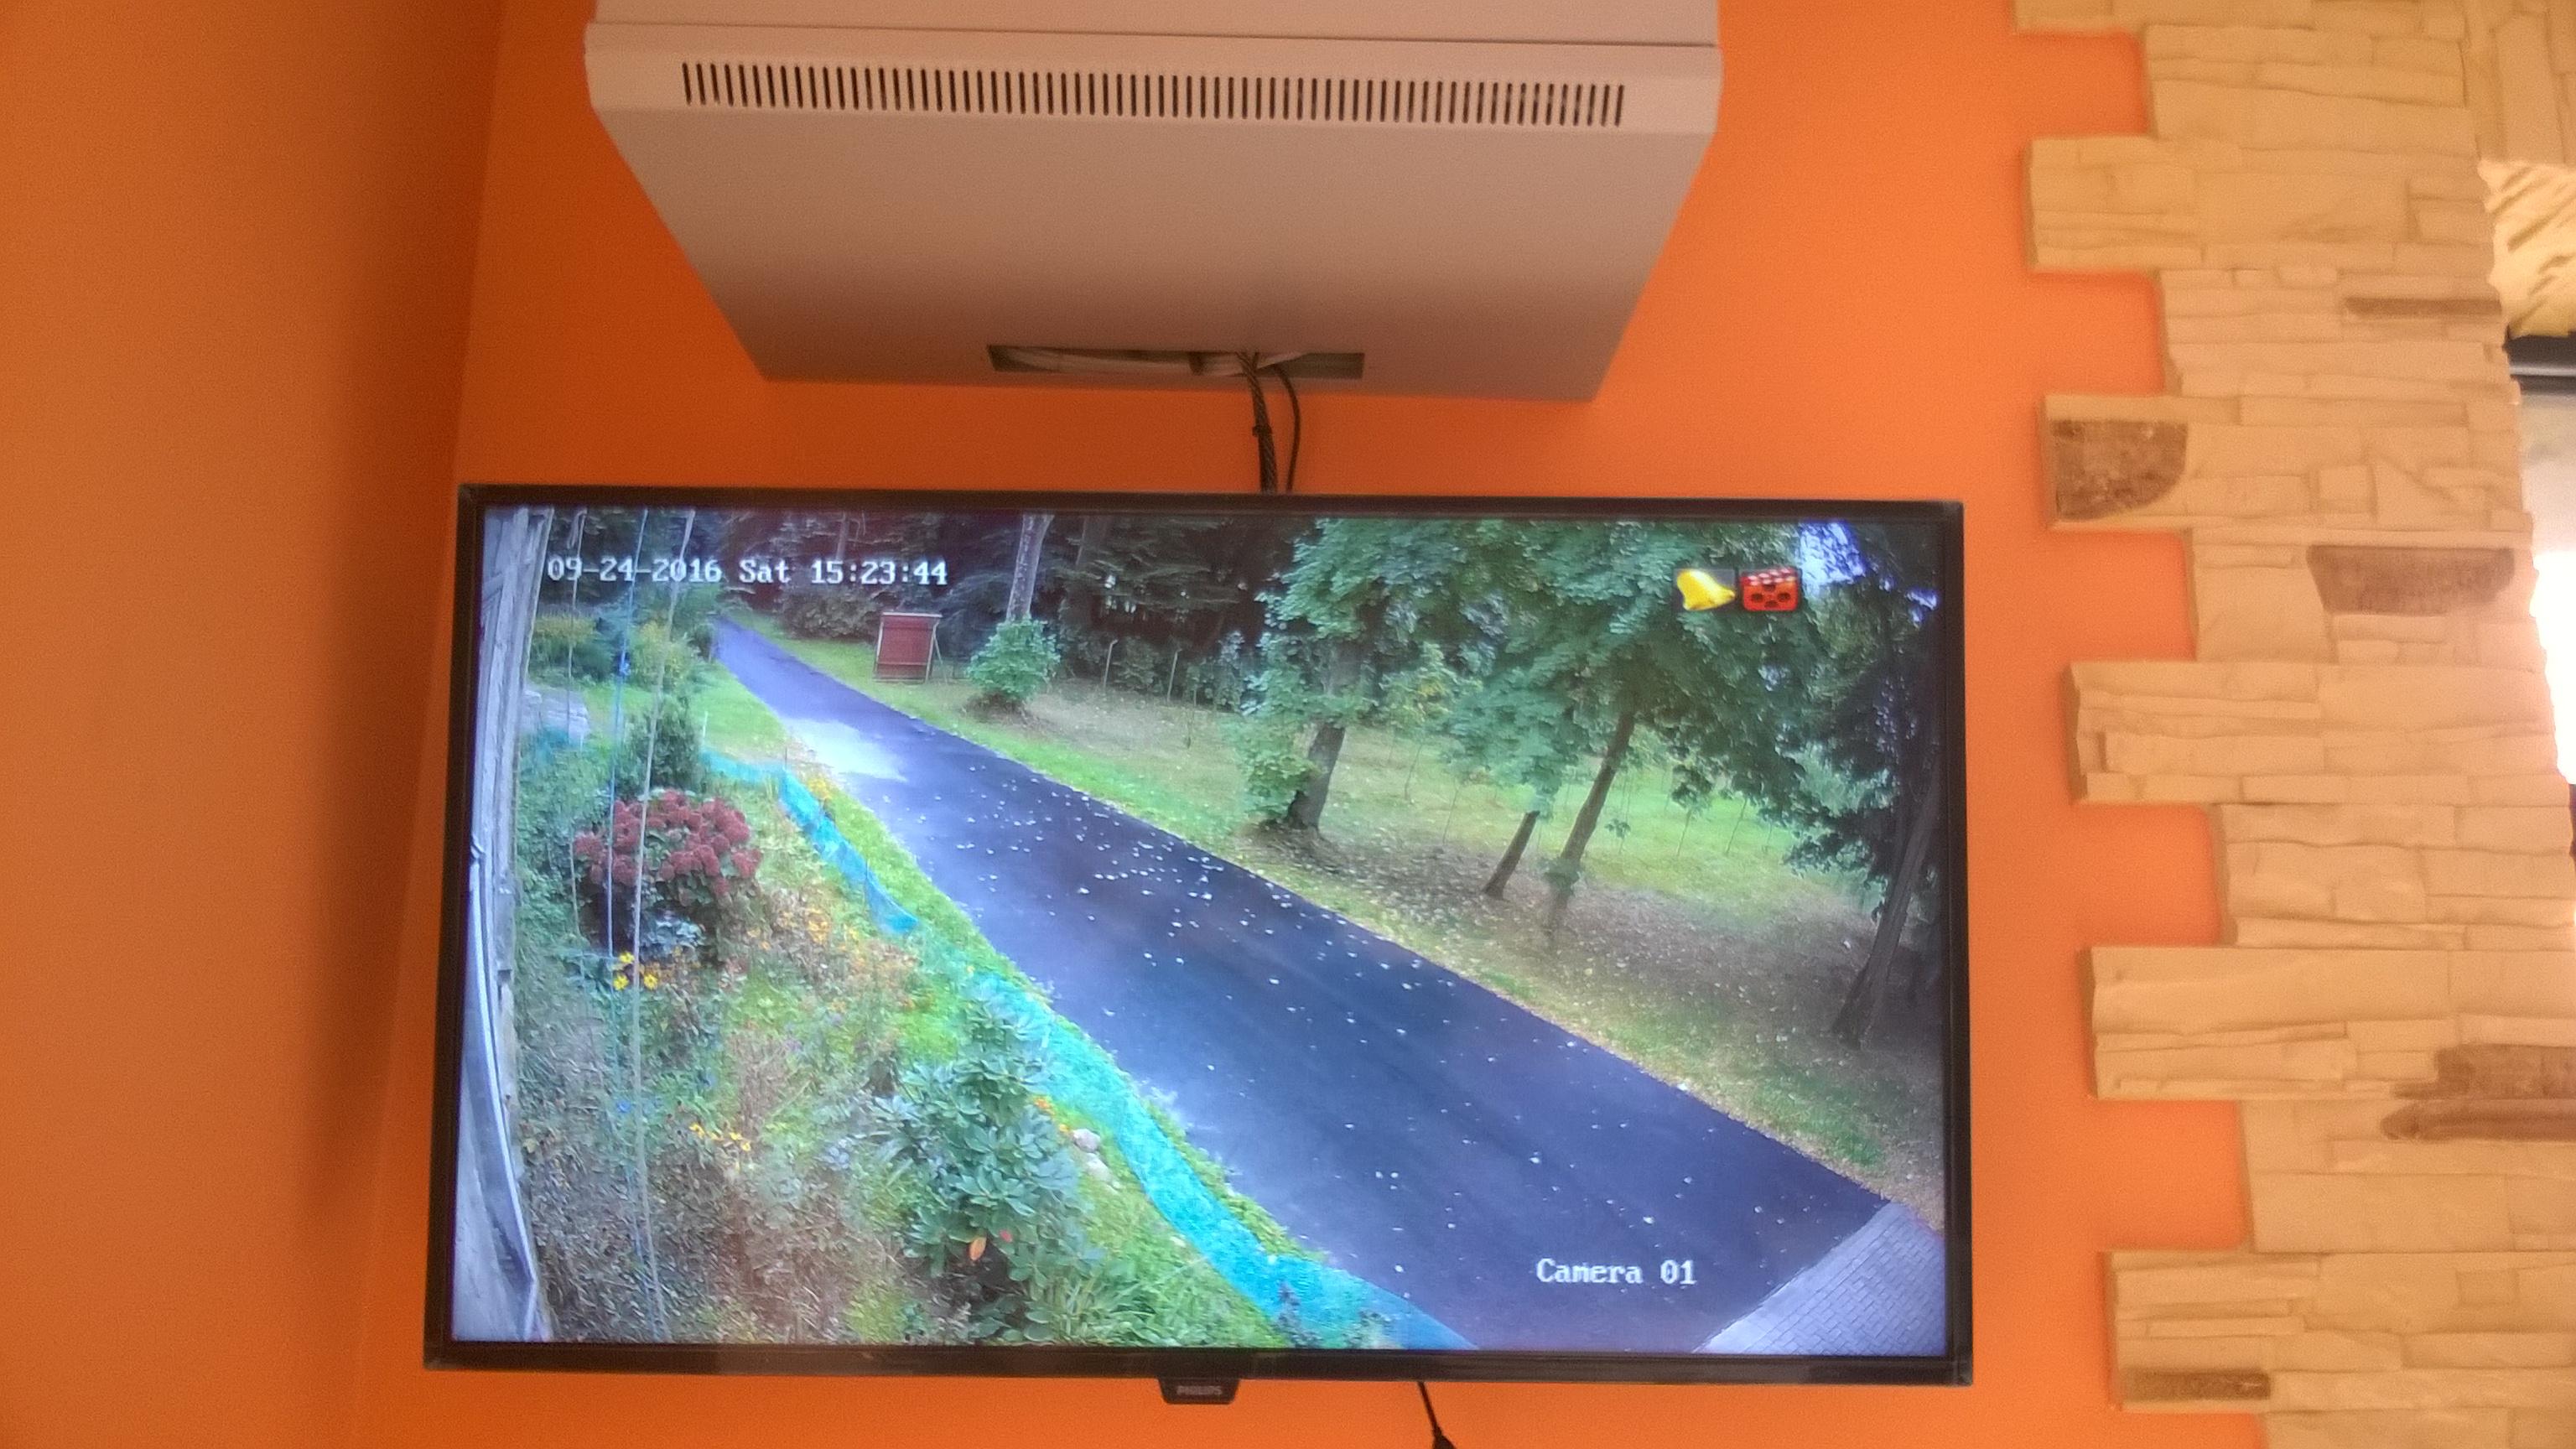 monitoring-bilgoraj-monitoring-zamosc-monitoring-krasnik-monitoring-janow-lubelski-monitoring-gospodarstwa-rolnego-monitoring-chelm-monitoring-lezajsk-24-infomech-monitoring-wizyjny-systemy-zabezpie